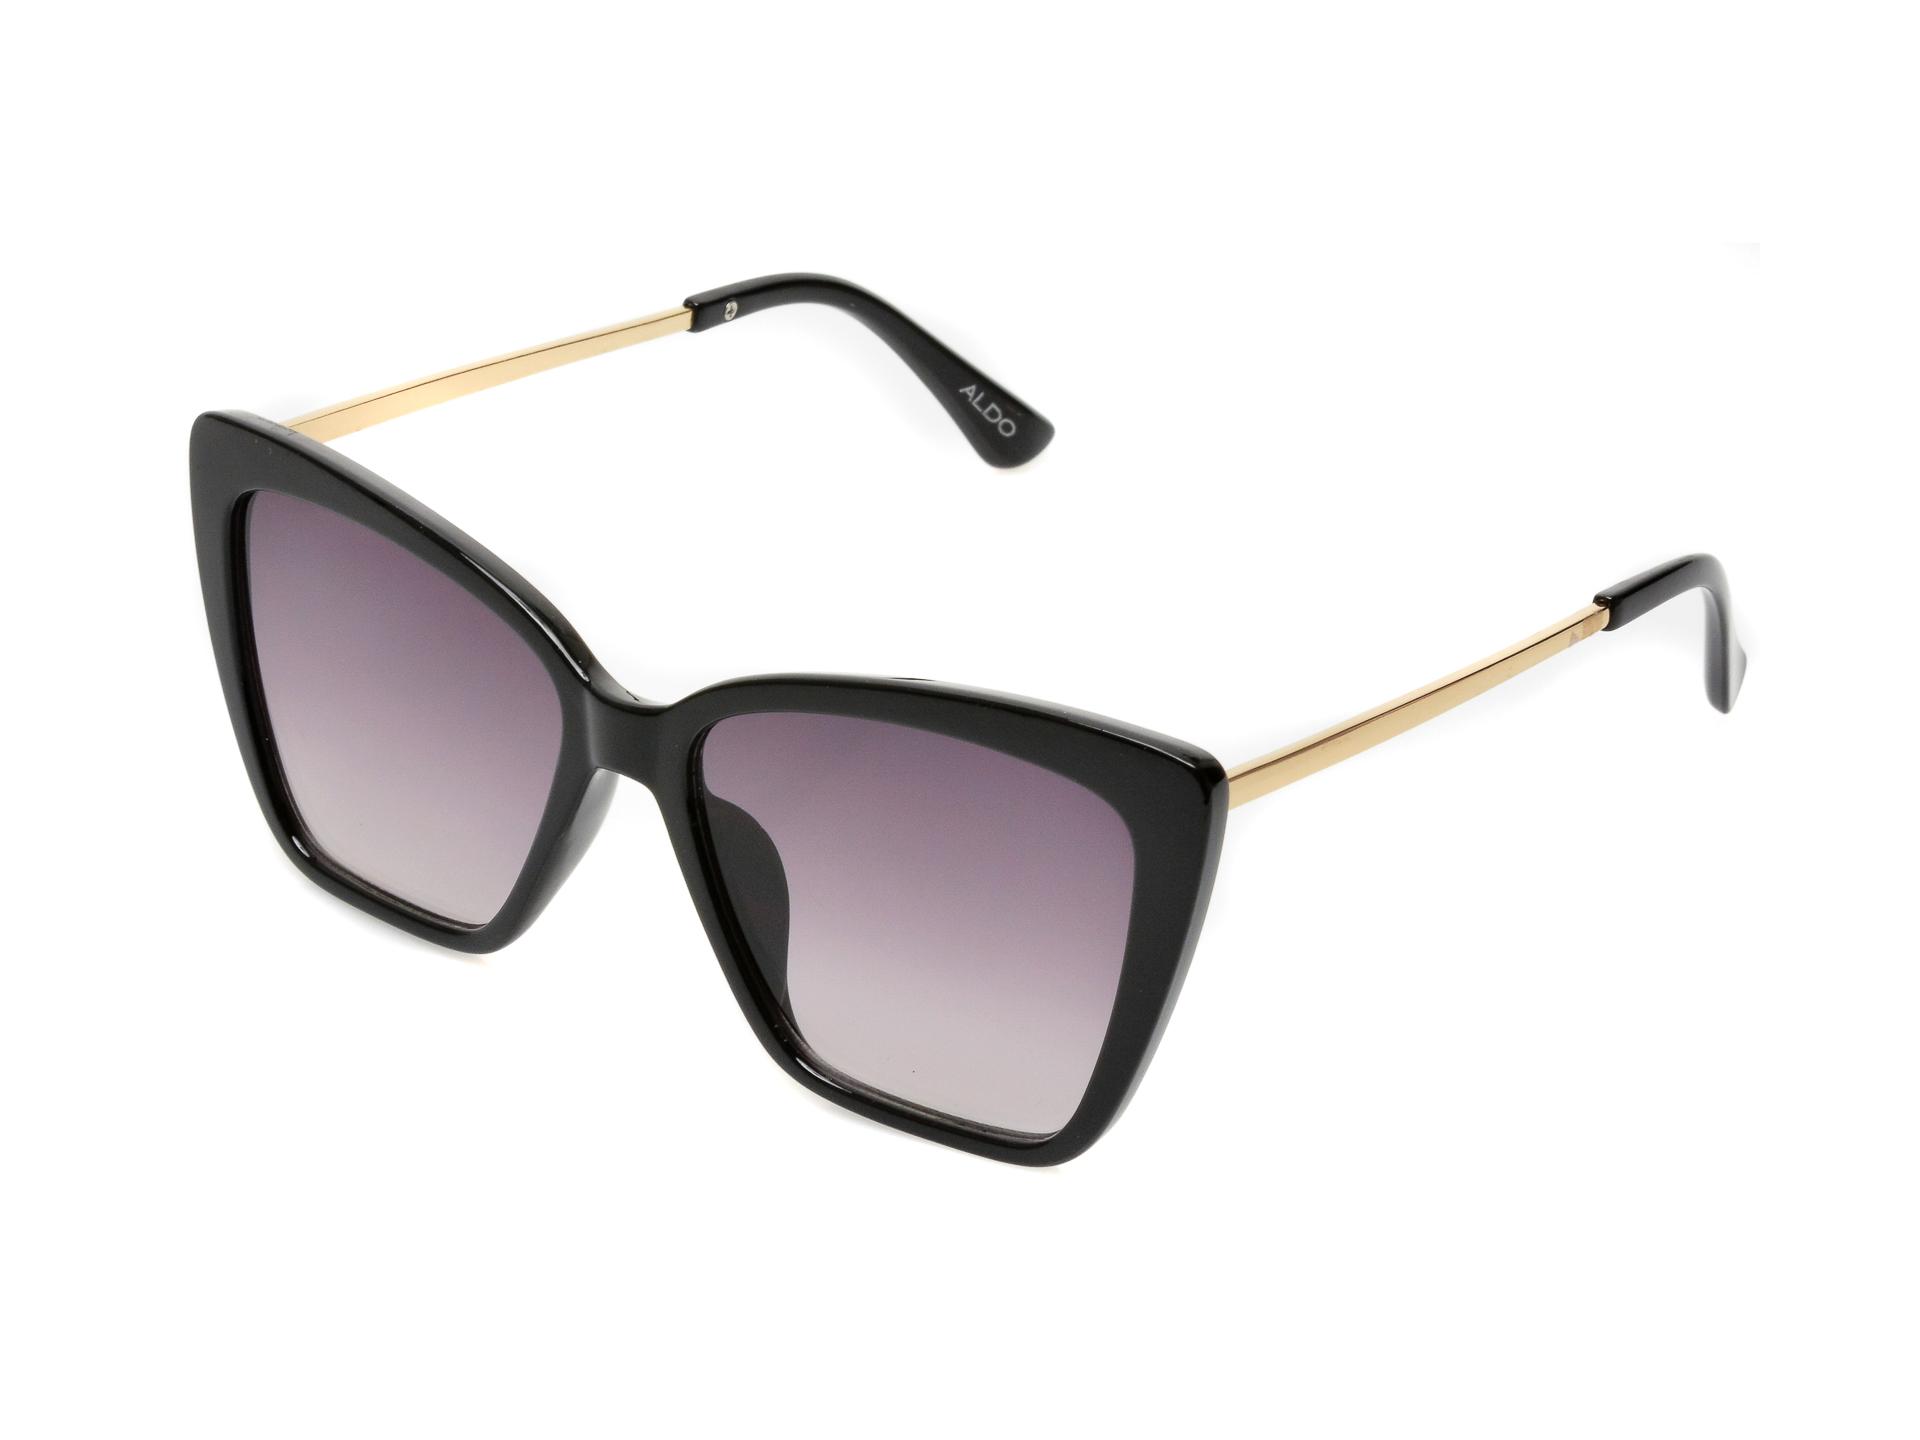 Ochelari de soare ALDO negri, 13087882, din pvc imagine otter.ro 2021